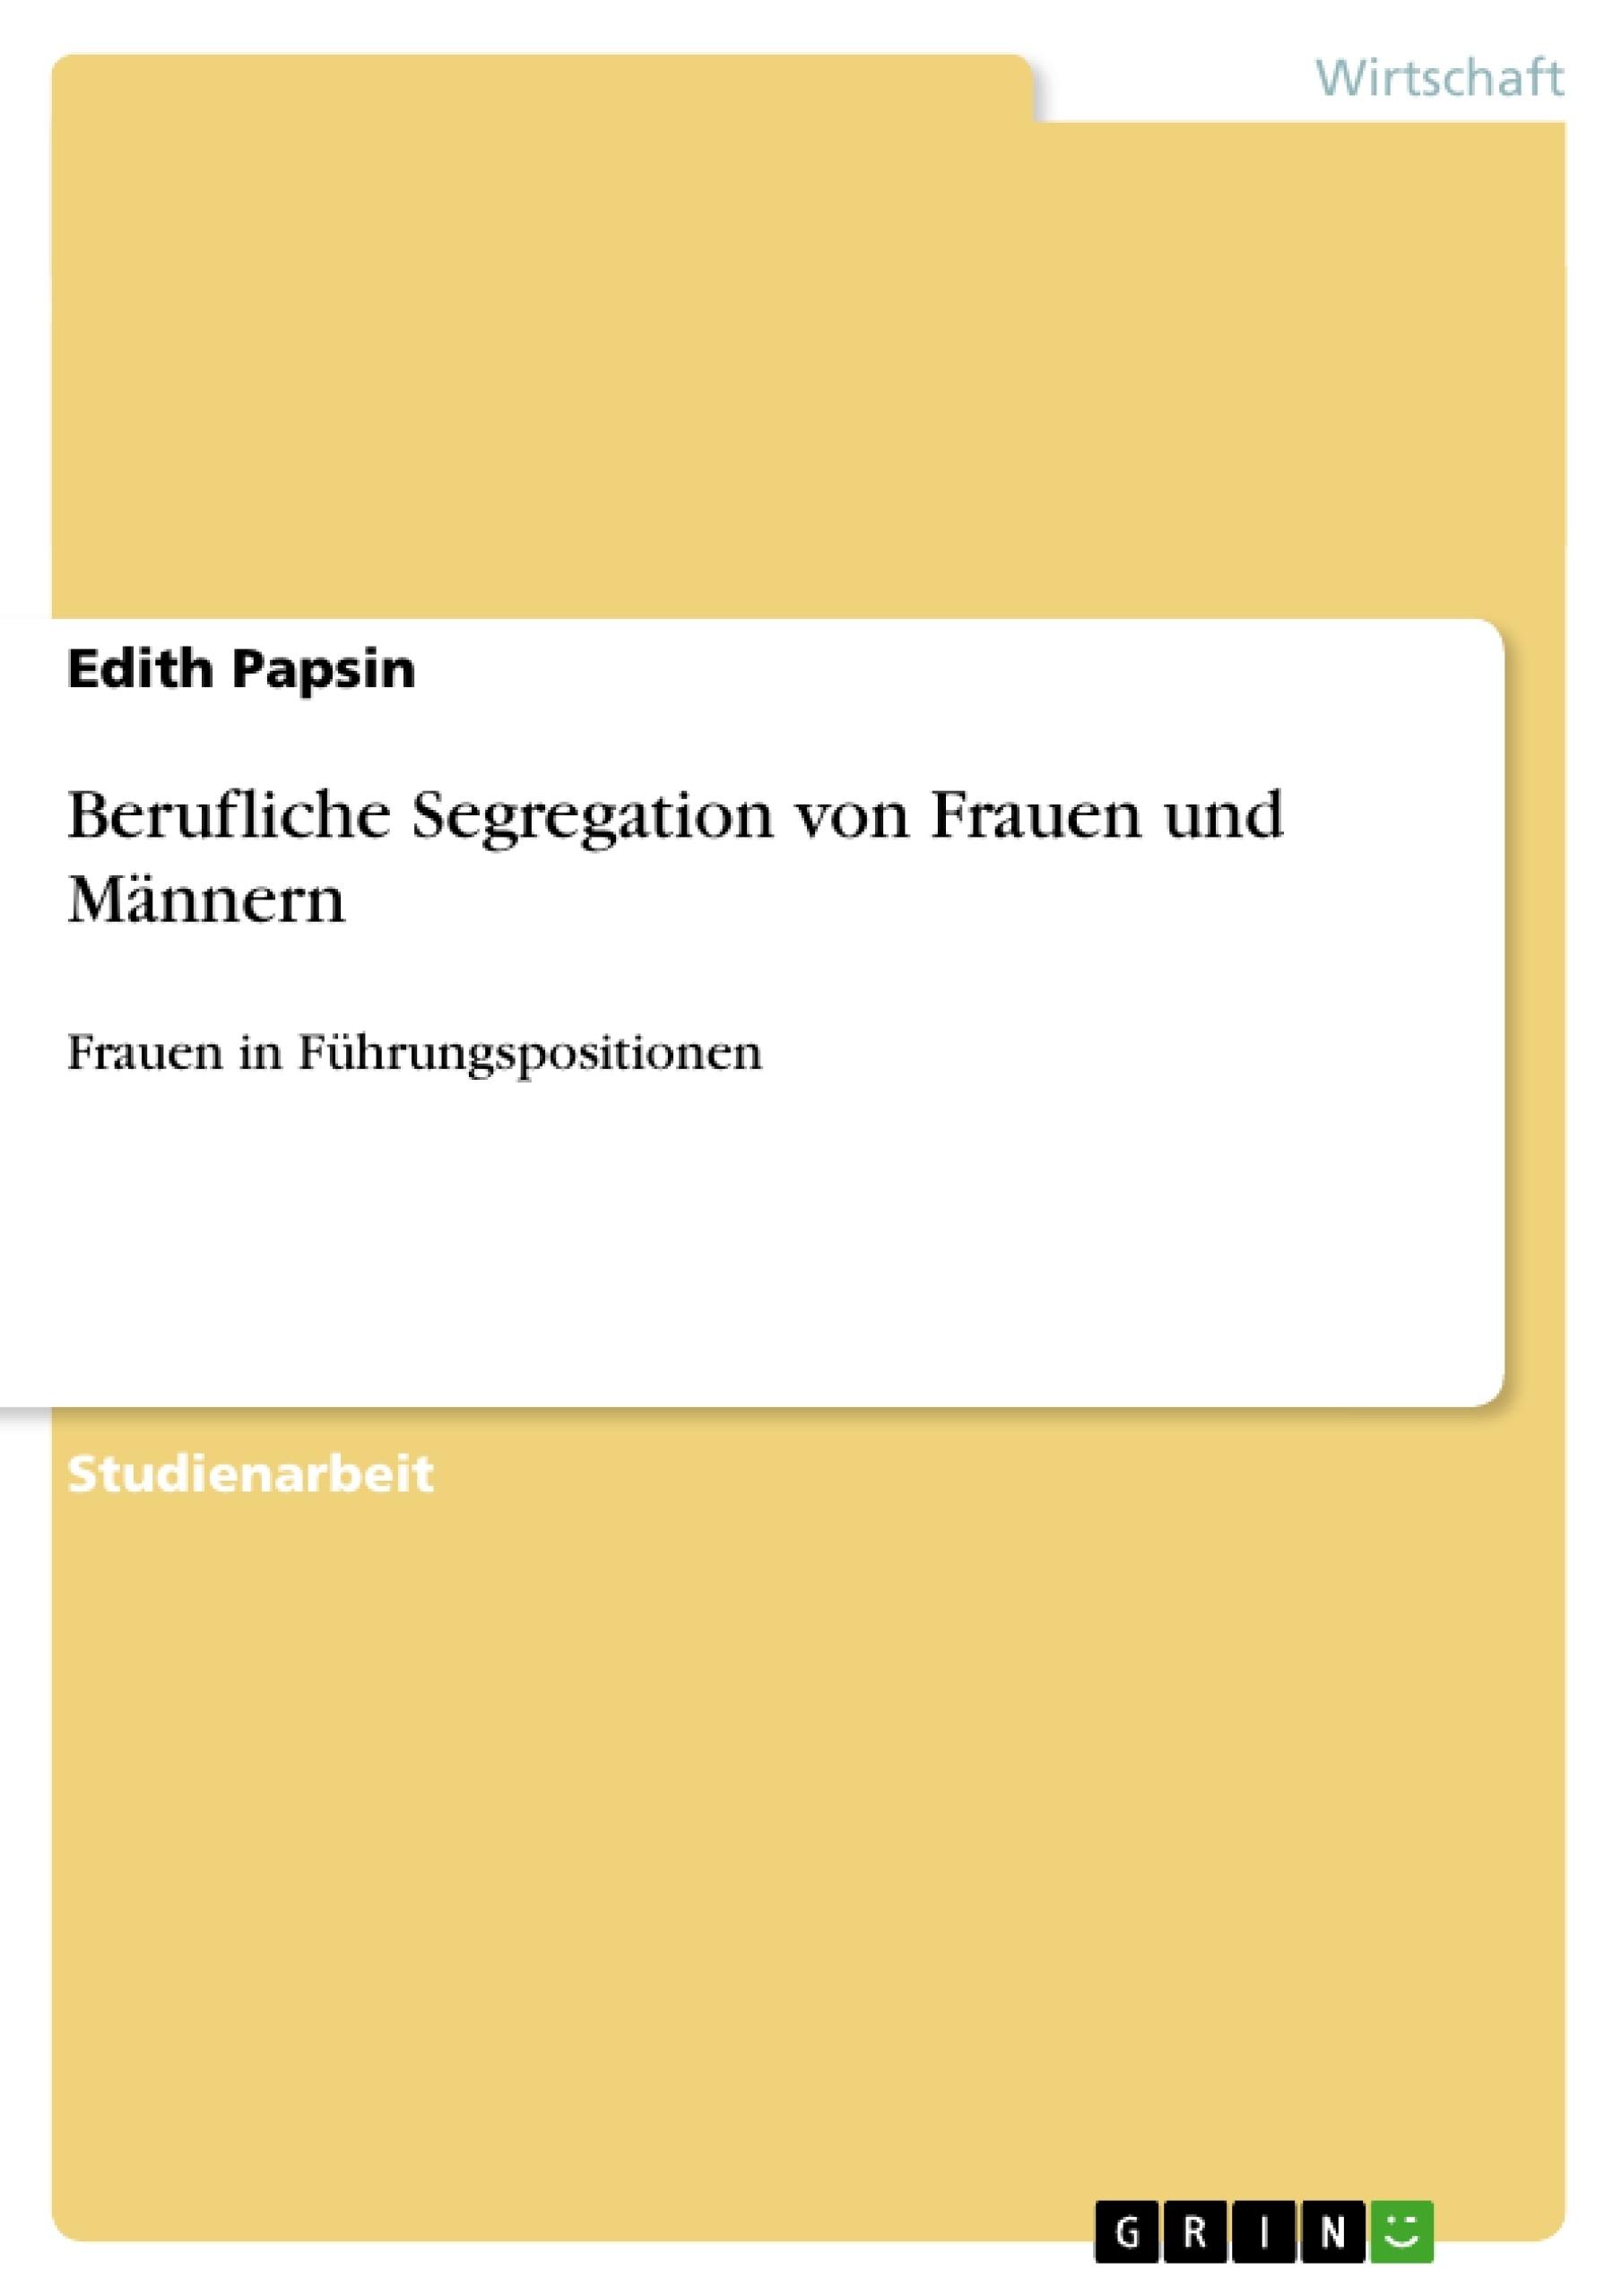 Titel: Berufliche Segregation von Frauen und Männern